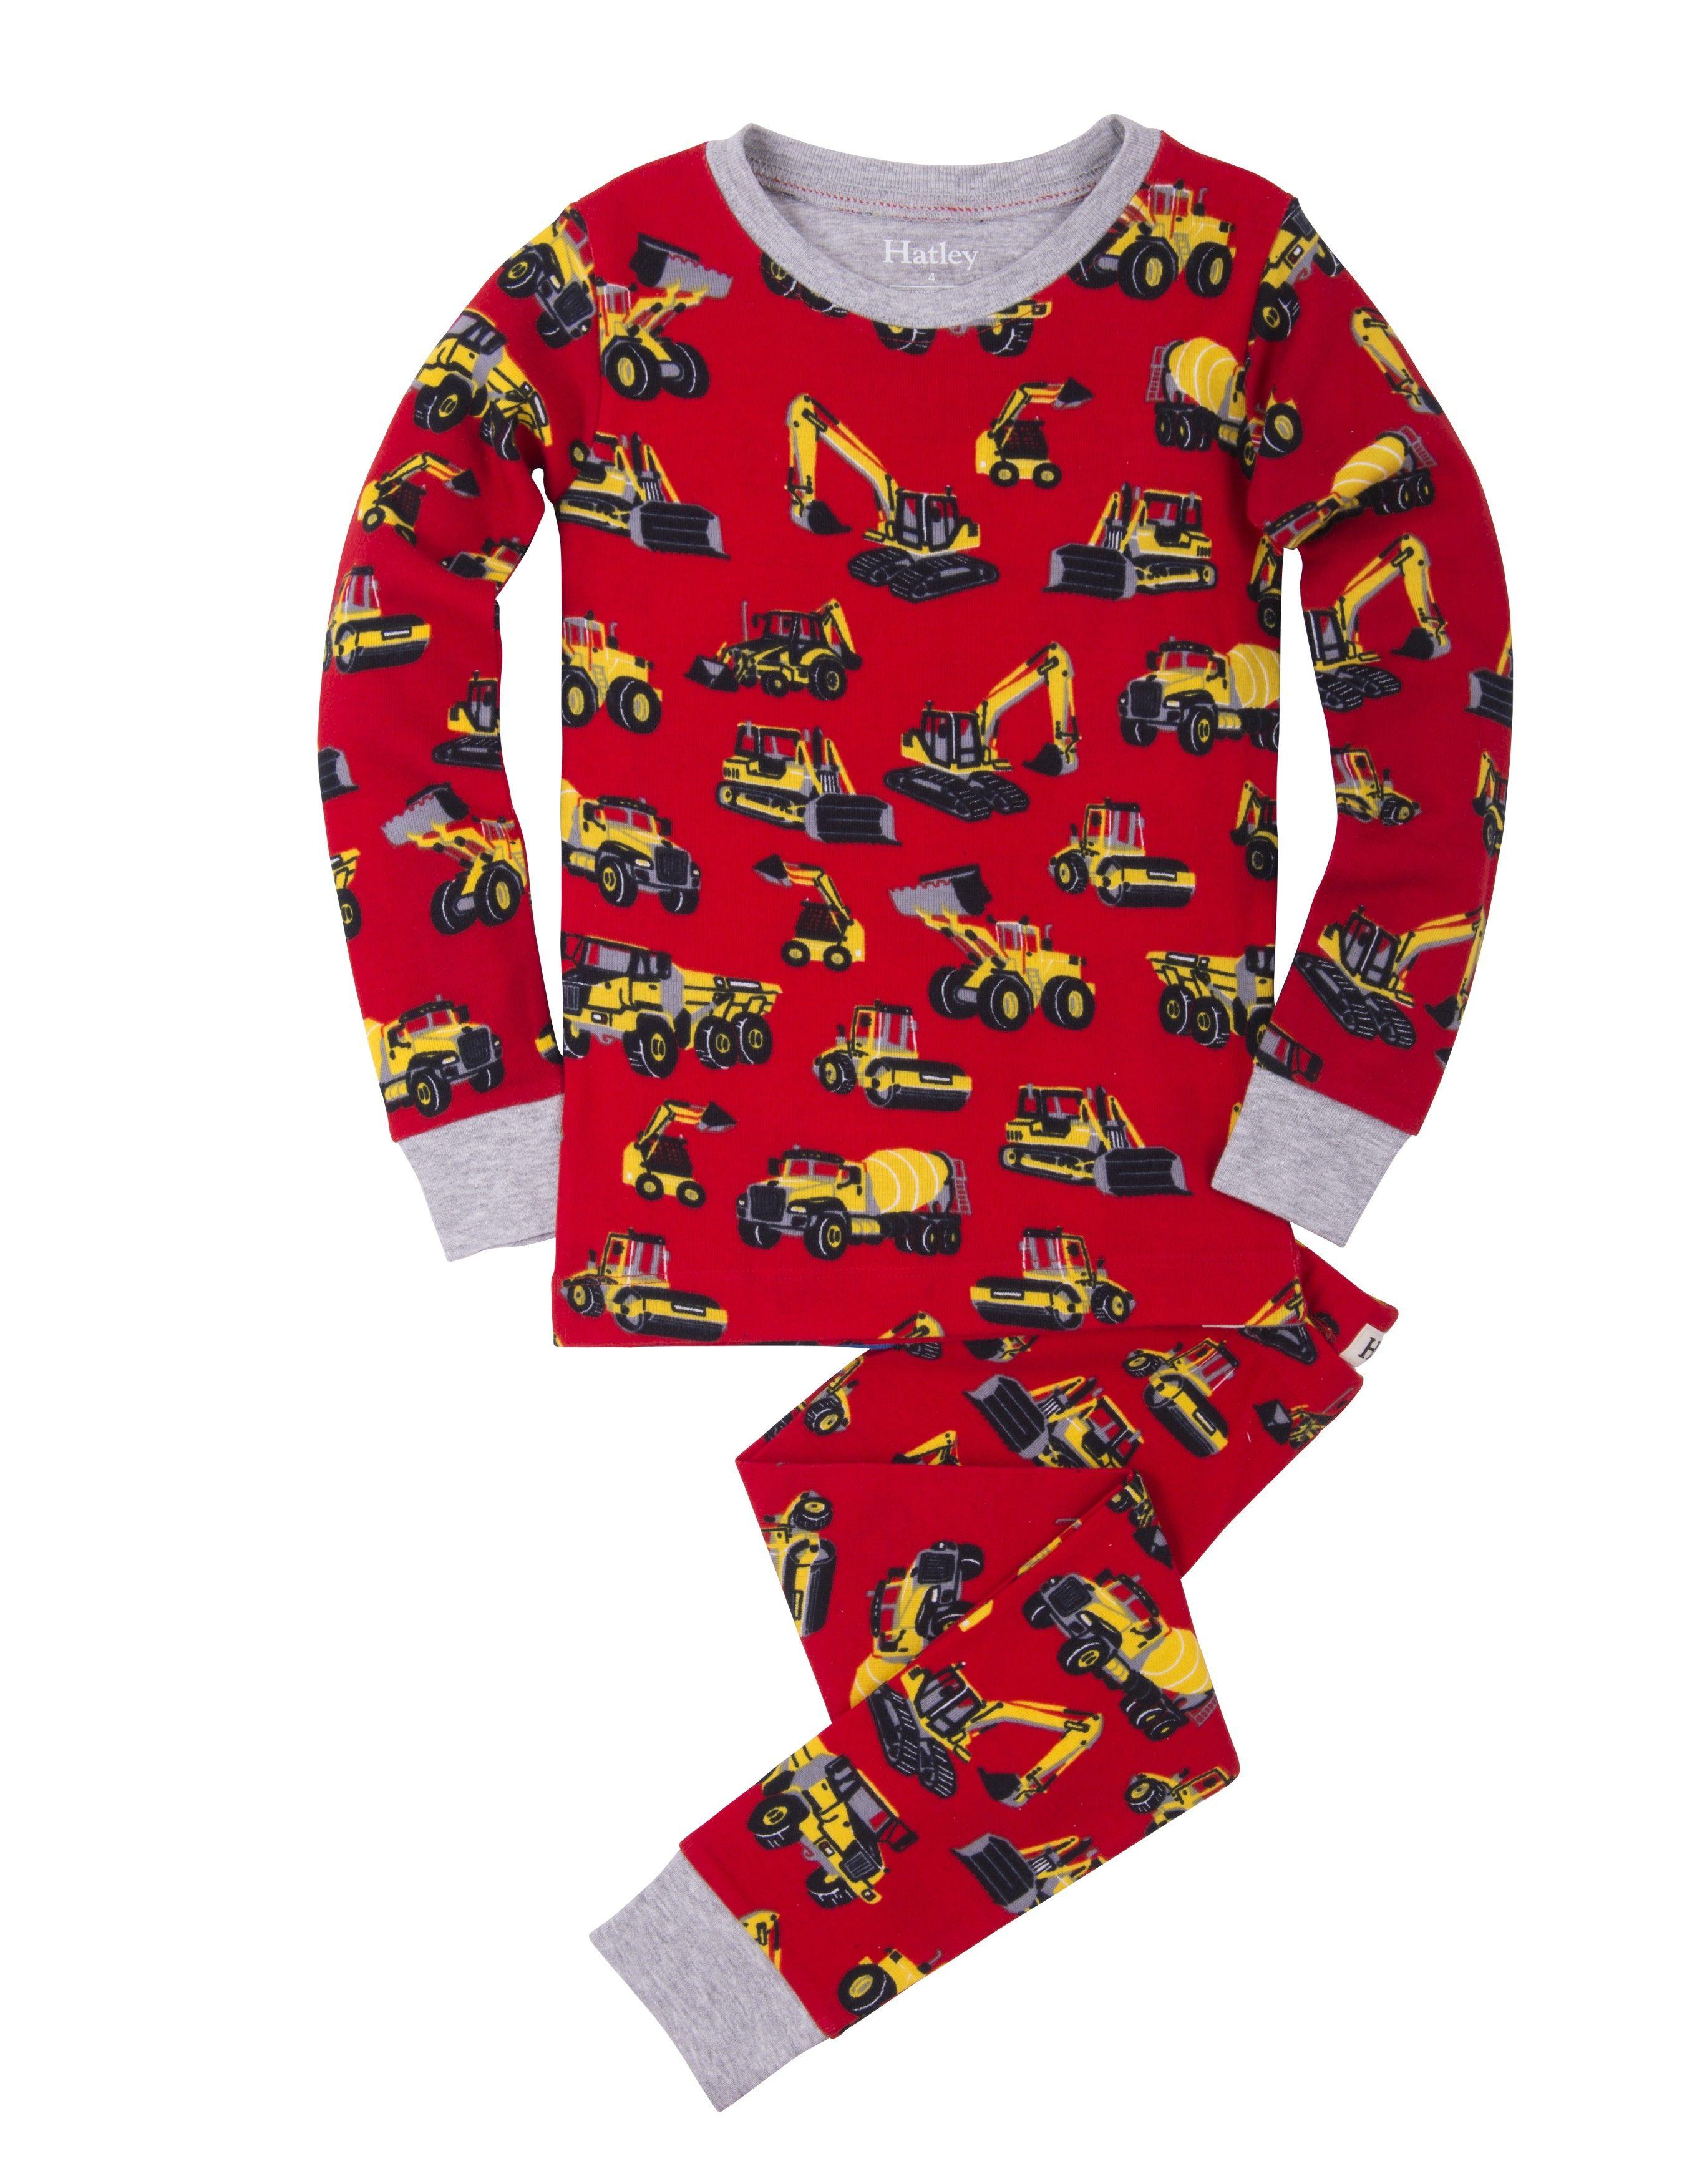 9f3eda32243 Jongens pyjama Heavy duty machines van het kinderkleding merk Hatley ...